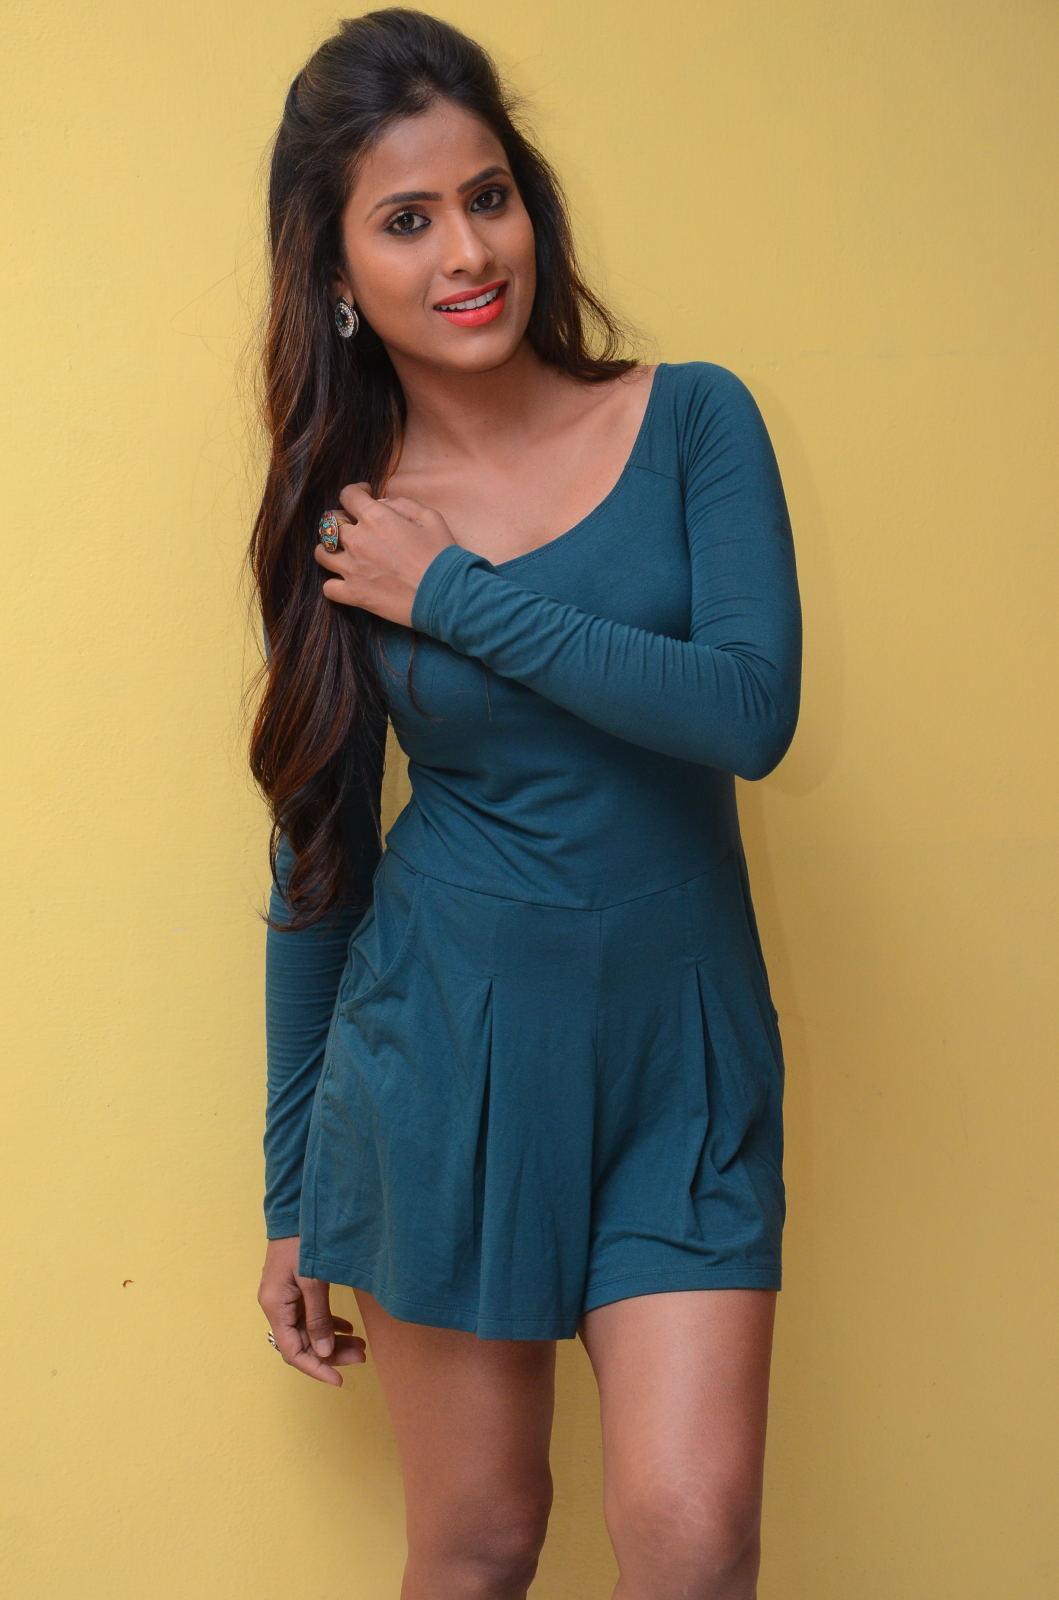 prashanthi Super Hot Prashanthi In Sexy Outfit | Indian Cinema | Models | Actresses Prashanthi Hot Photo Stills 127